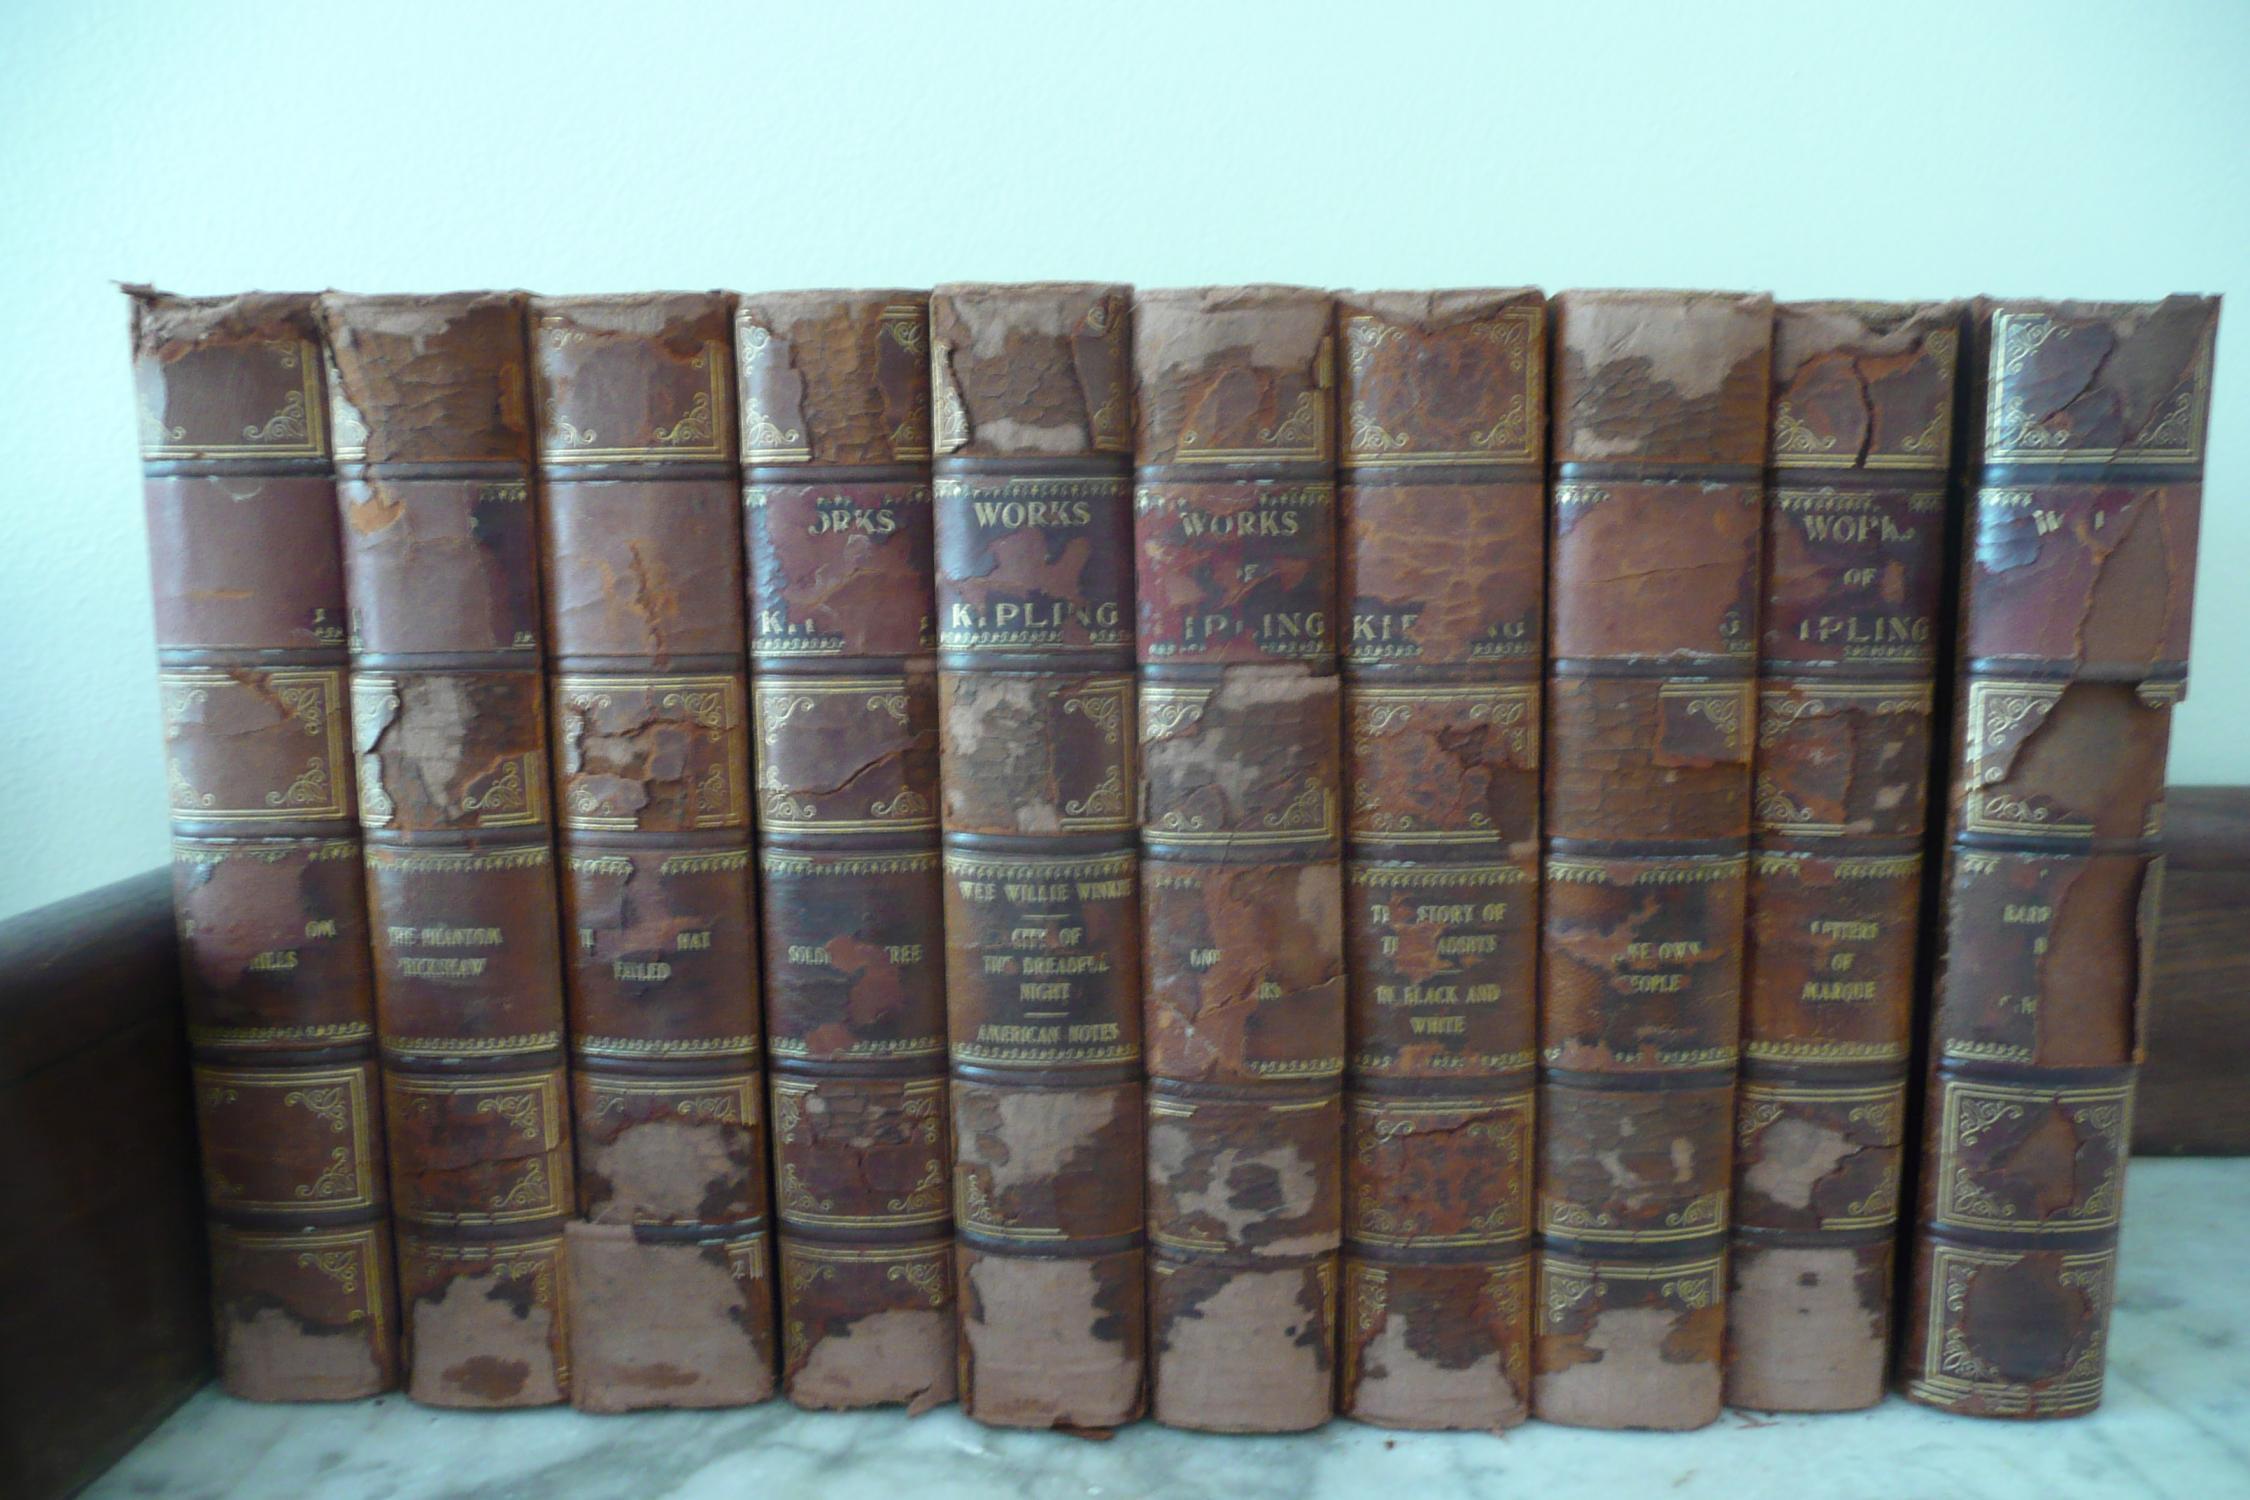 Works of Kipling Kipling, Rudyard [Fair] [Hardcover] (bi_9911676279) photo